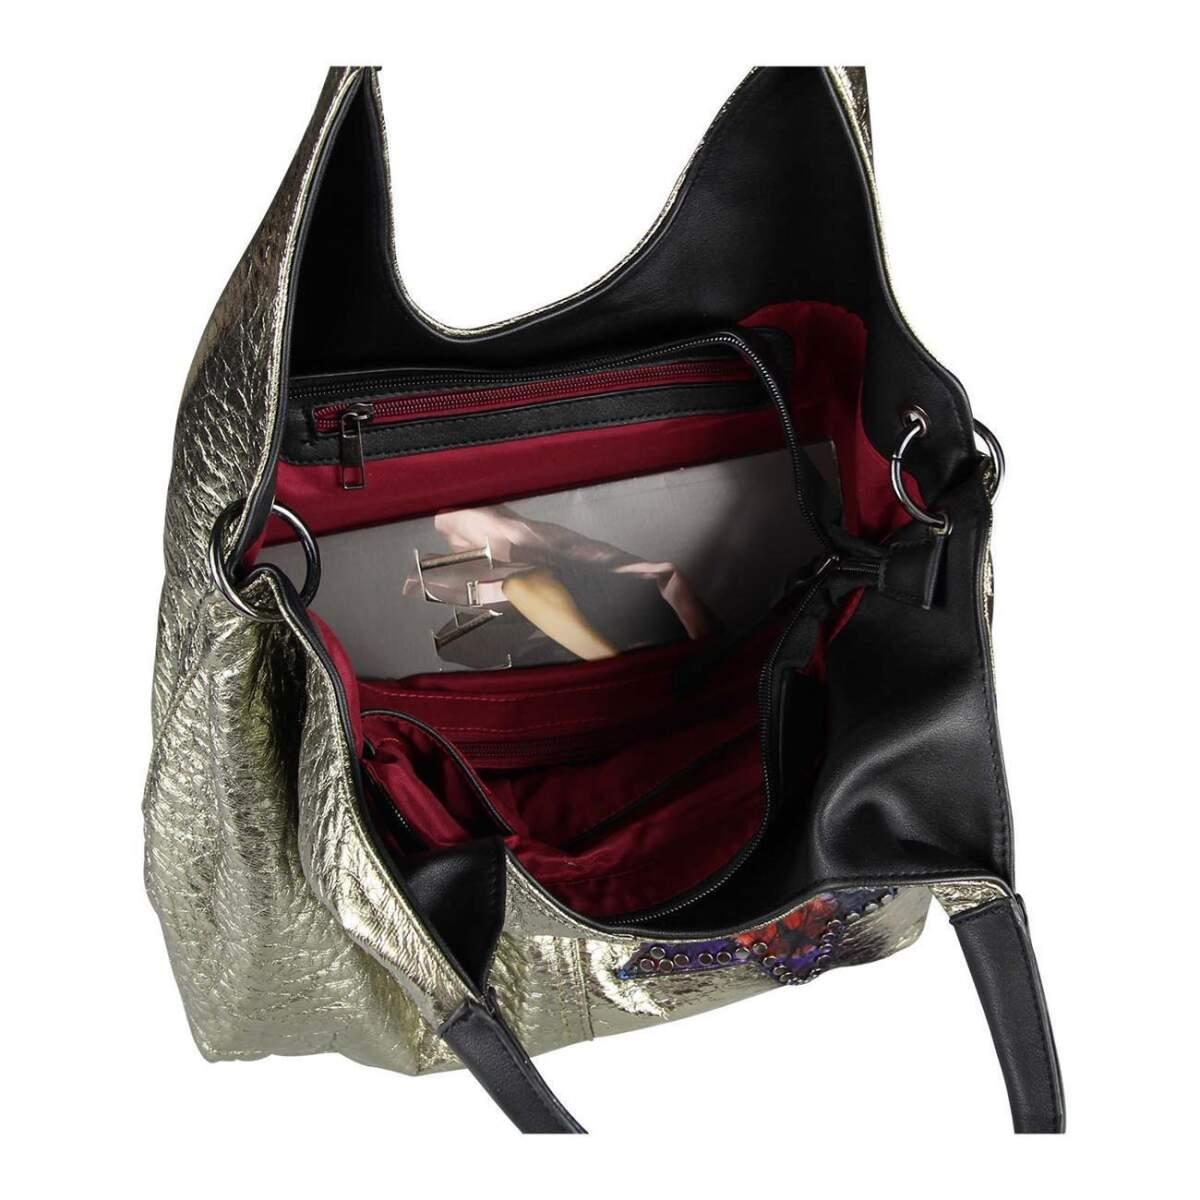 obc damen stern tasche metallic nieten handtasche fransen. Black Bedroom Furniture Sets. Home Design Ideas